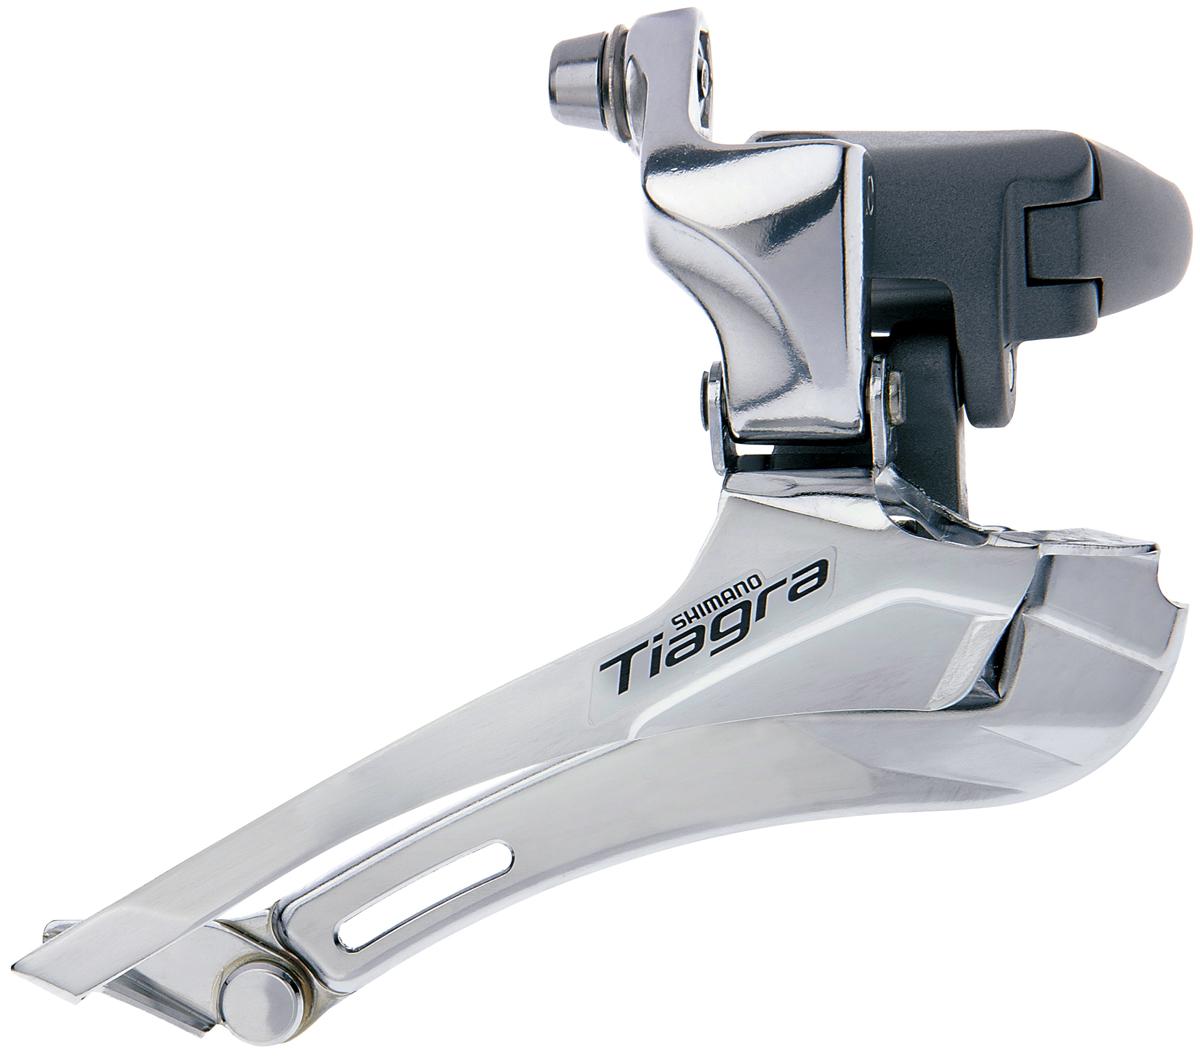 Shimano přesmykač TIAGRA FD-4600 Sil pro 2x10 obj 34,9 46/52 z